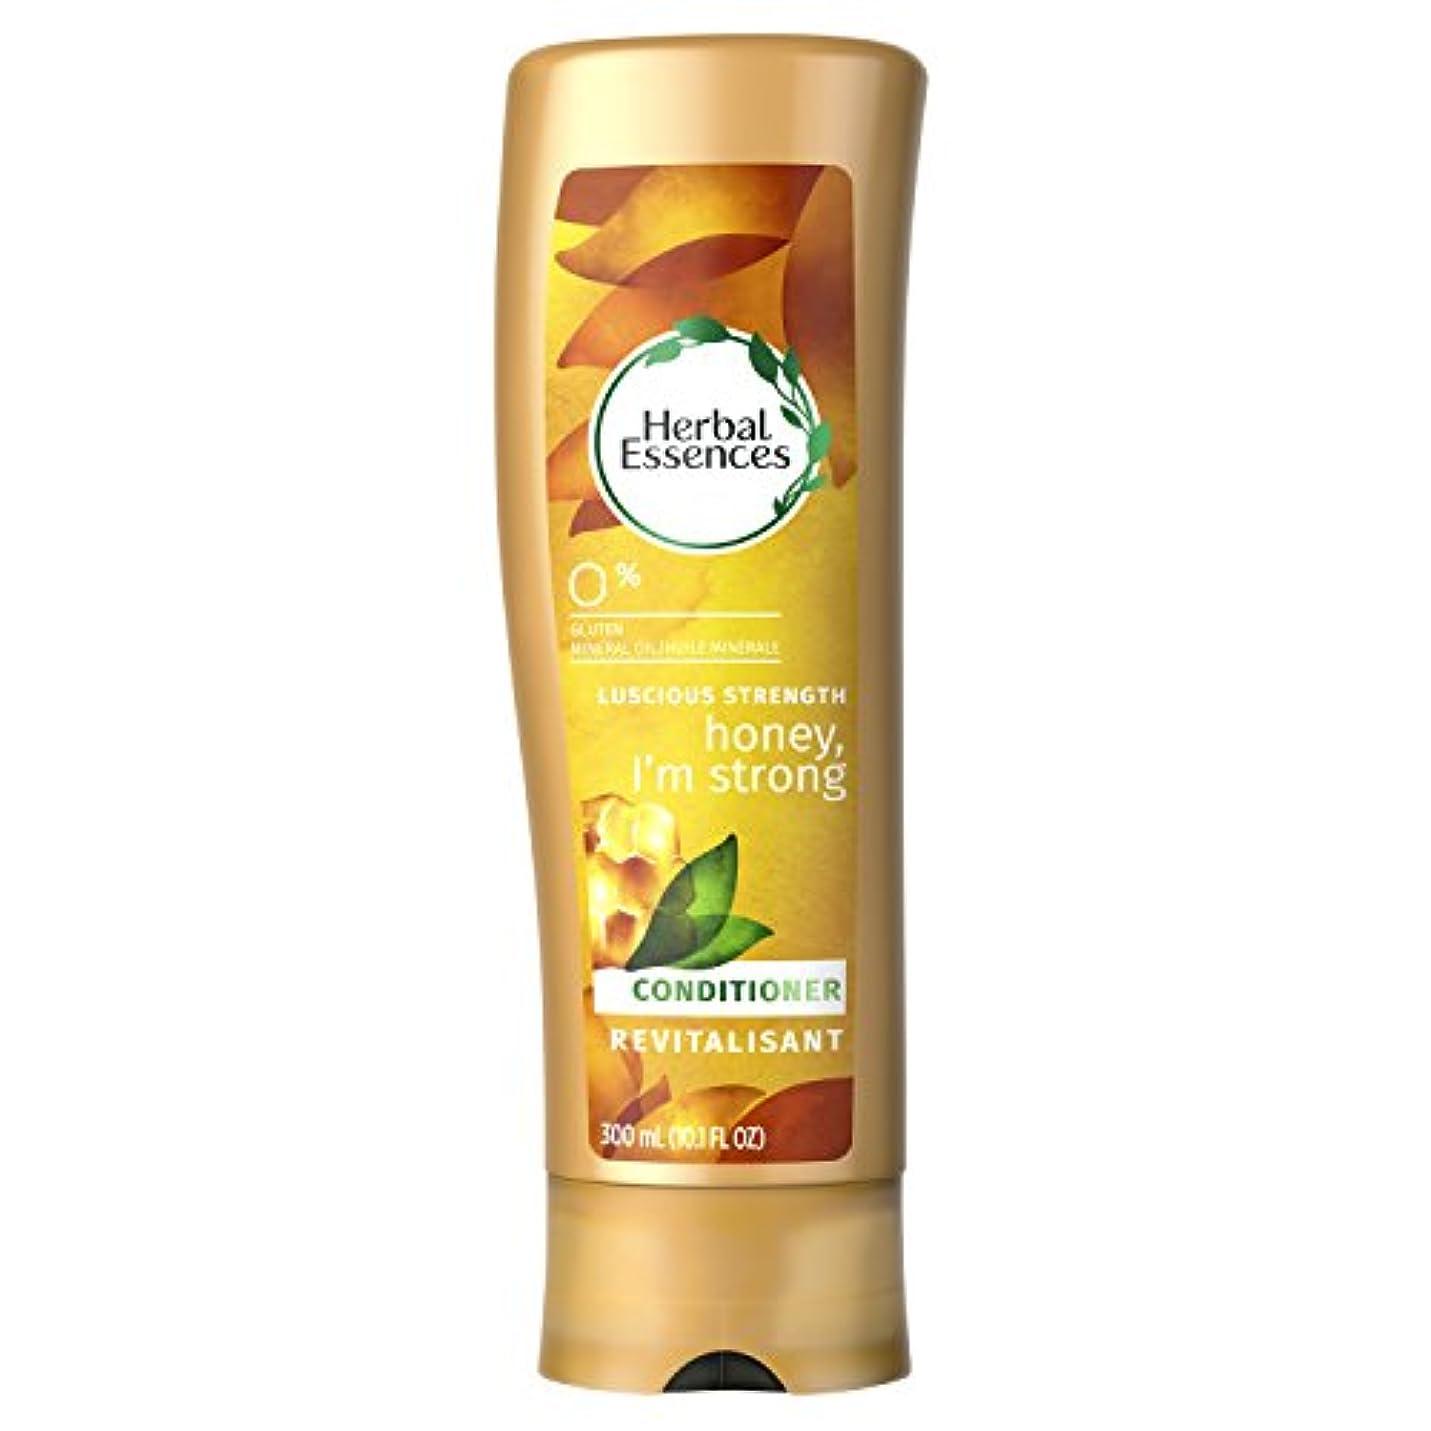 裏切る楕円形ノミネートHerbal Essences Honey I'm Strong Strengthening Conditioner, 10.1 Fluid Ounce by Procter & Gamble - HABA Hub [並行輸入品]